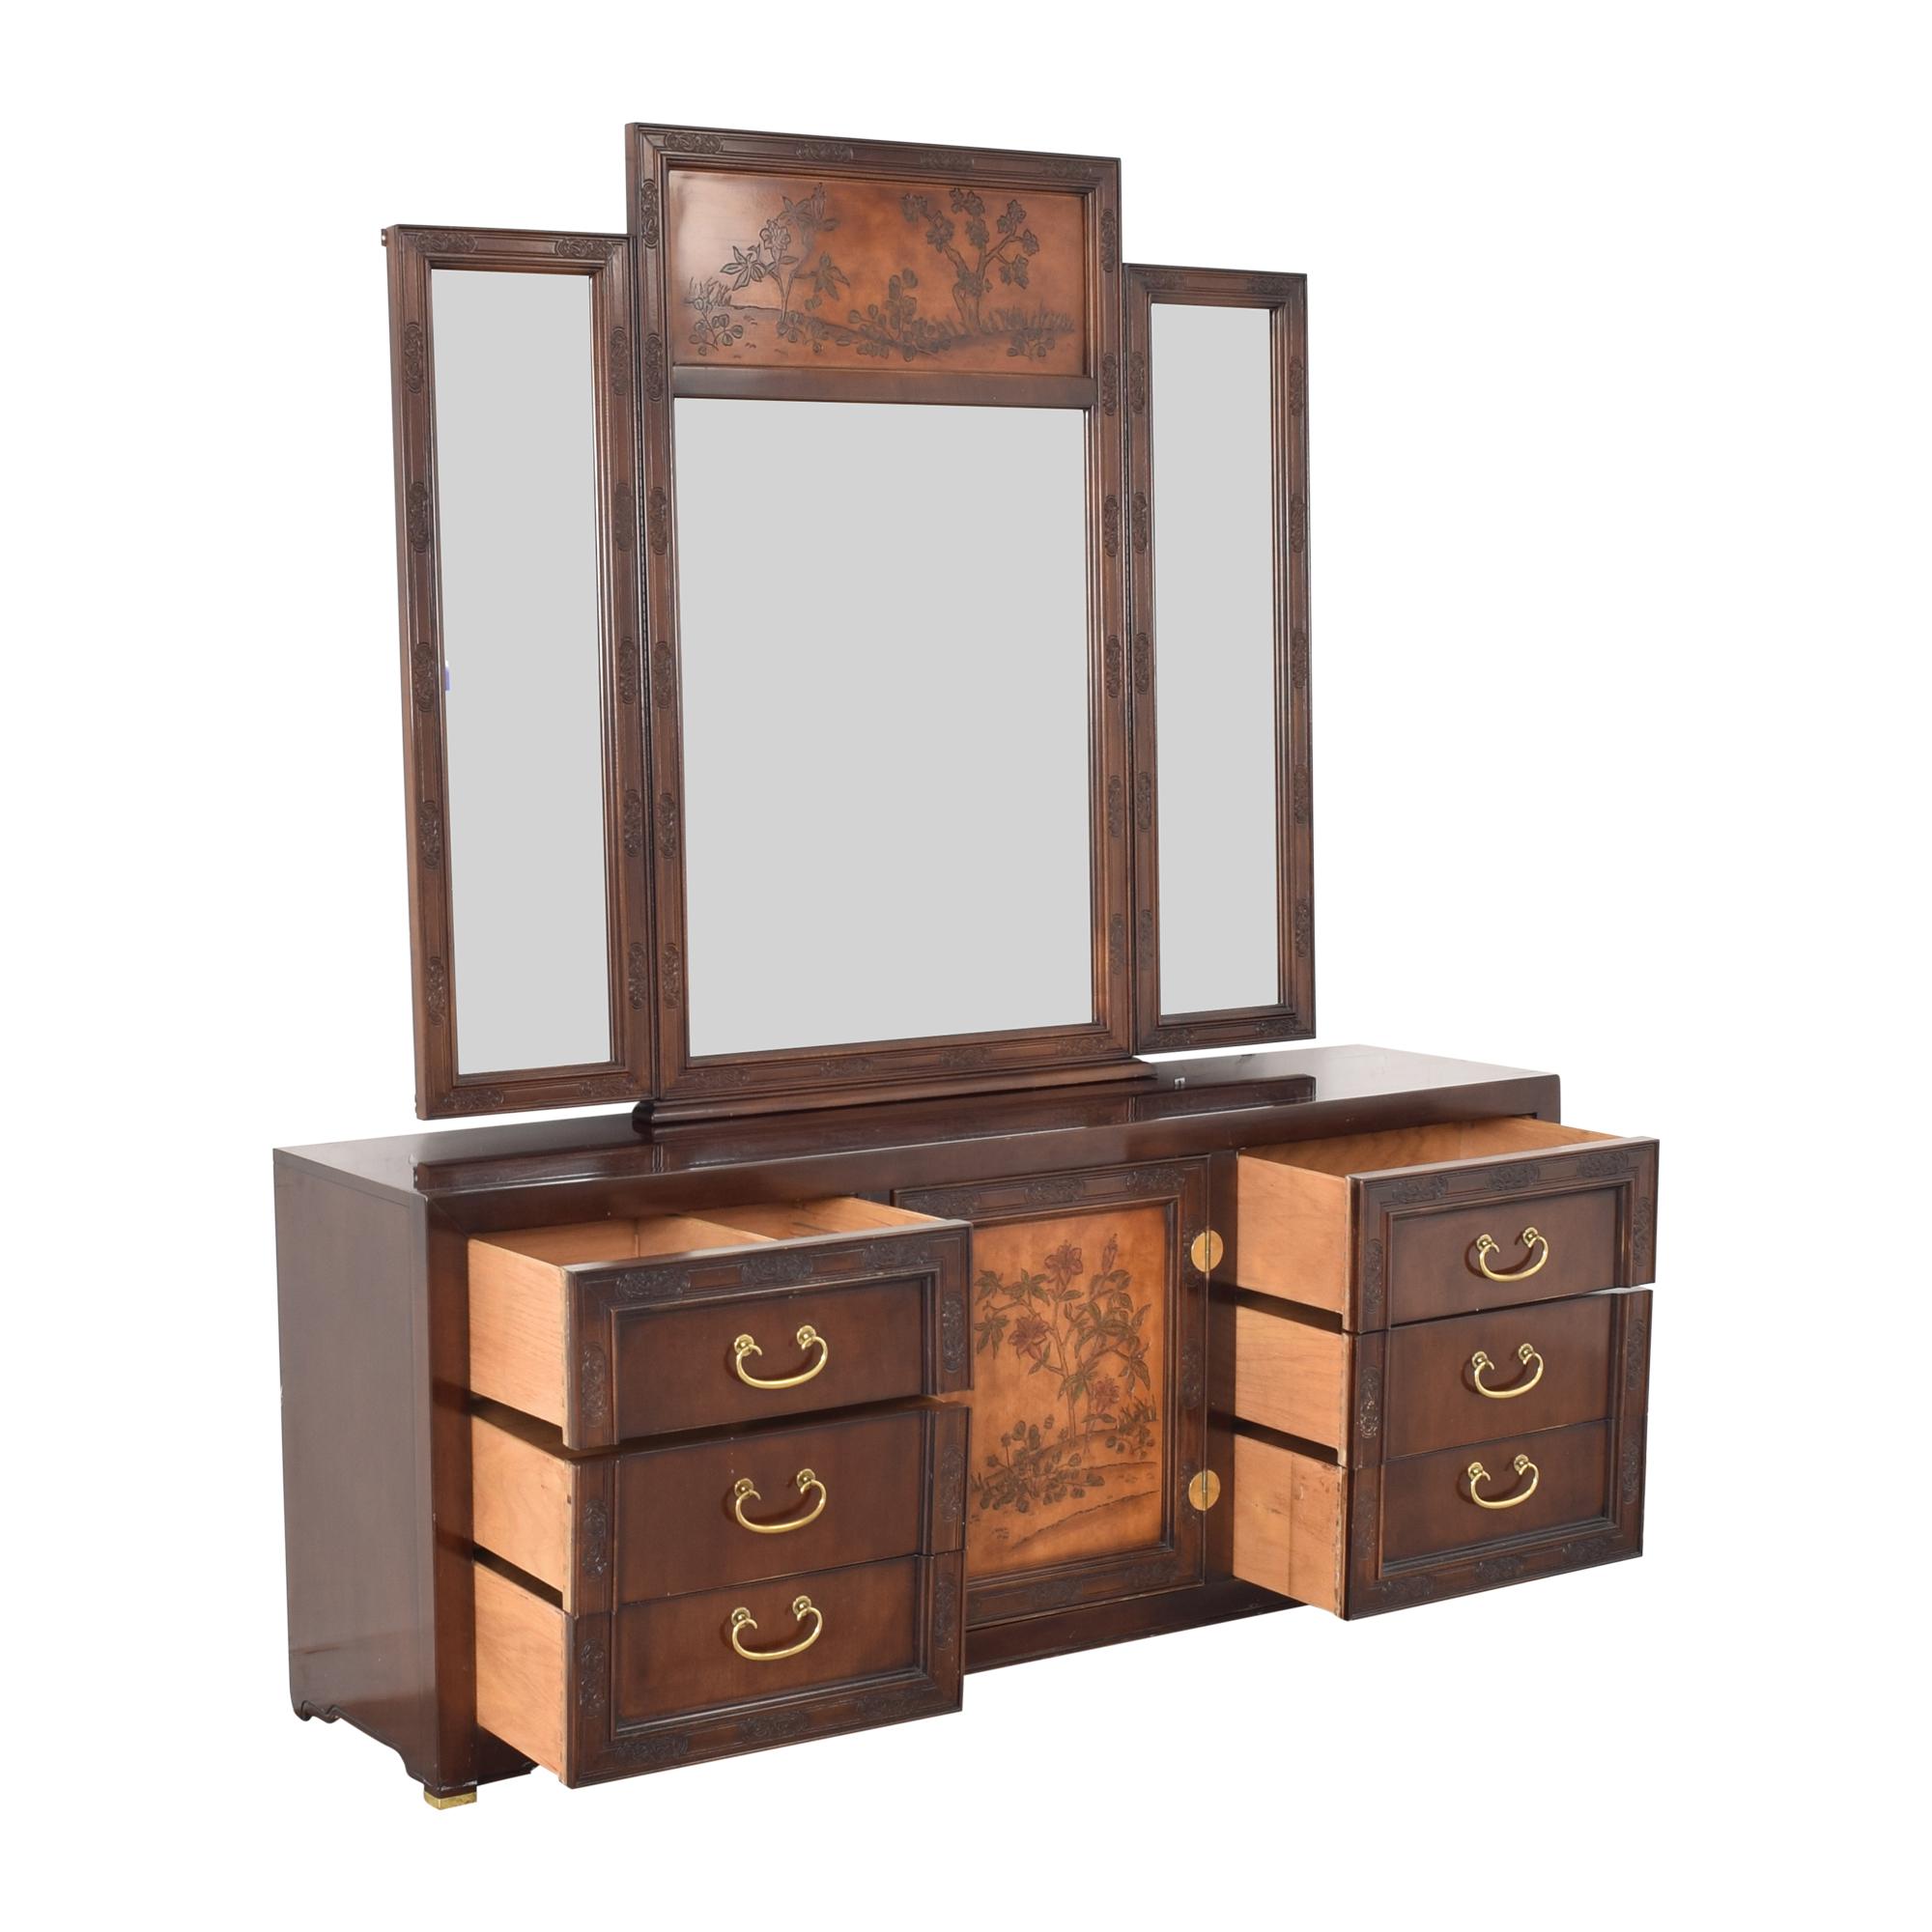 Bernhardt Bernhardt Dresser with Mirror